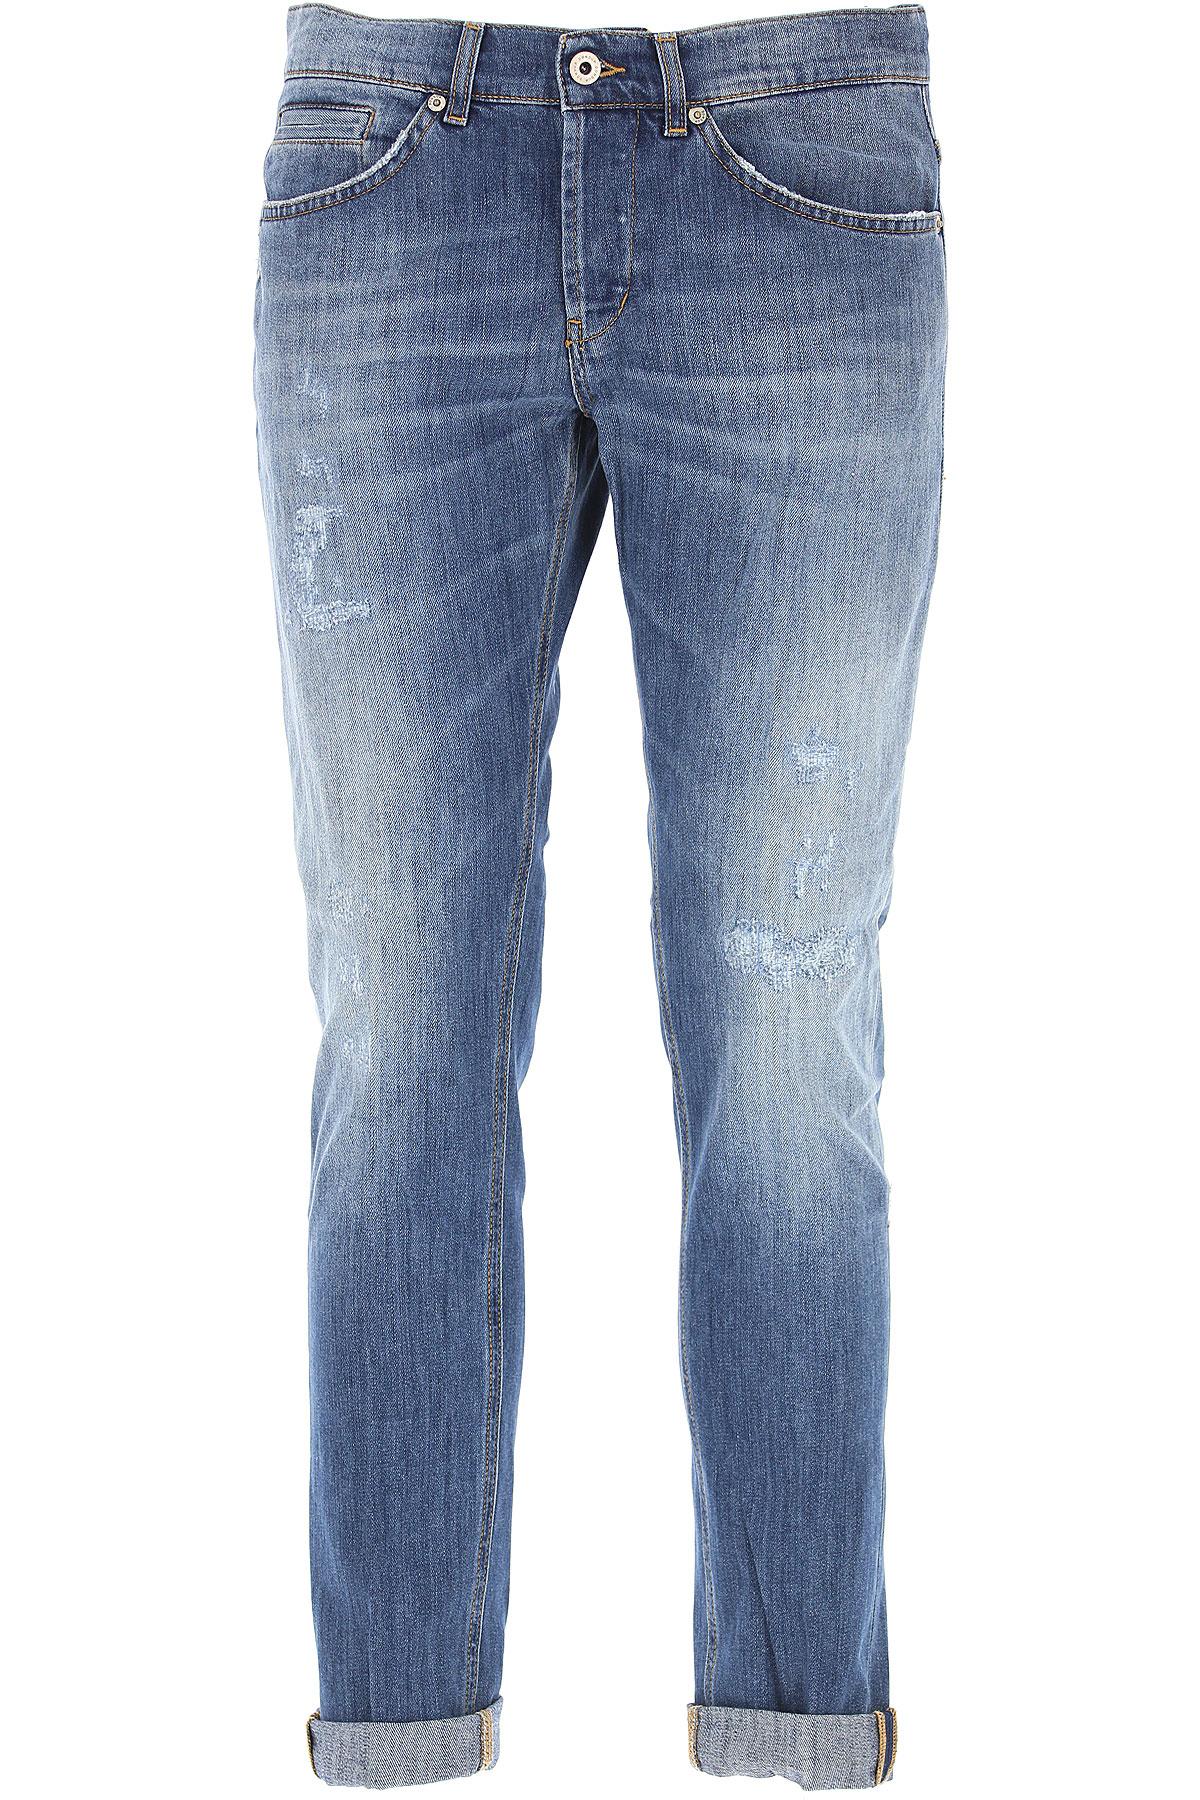 Dondup Jeans On Sale, Denim Blue, Cotton, 2017, 29 30 31 32 33 35 36 38